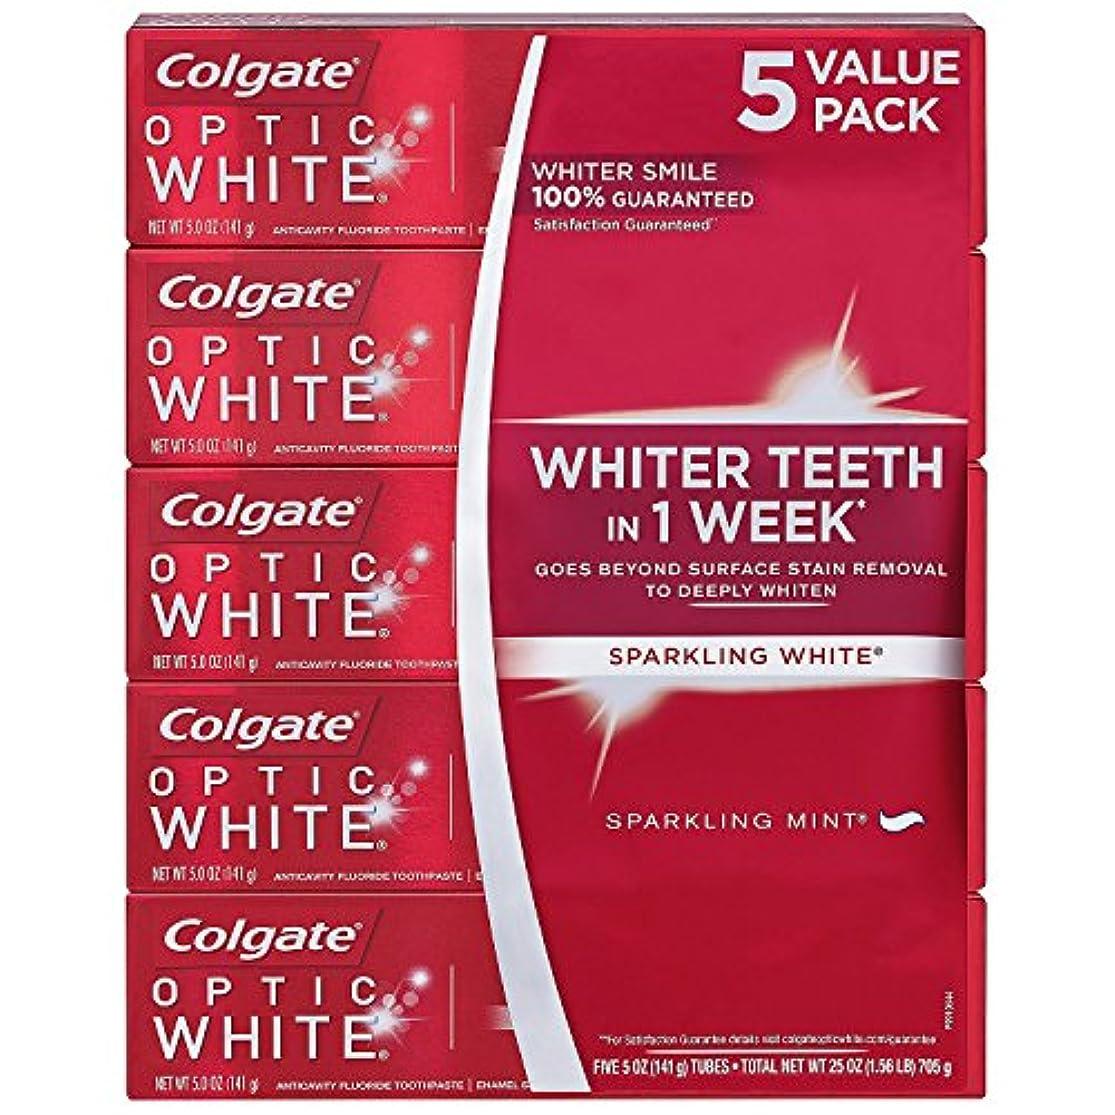 エピソードグリーンランドエンティティ海外直送品 Colgate Optic White コルゲート オプティック ホワイト スパークリングミント141g ×5本 [Pack of 5]